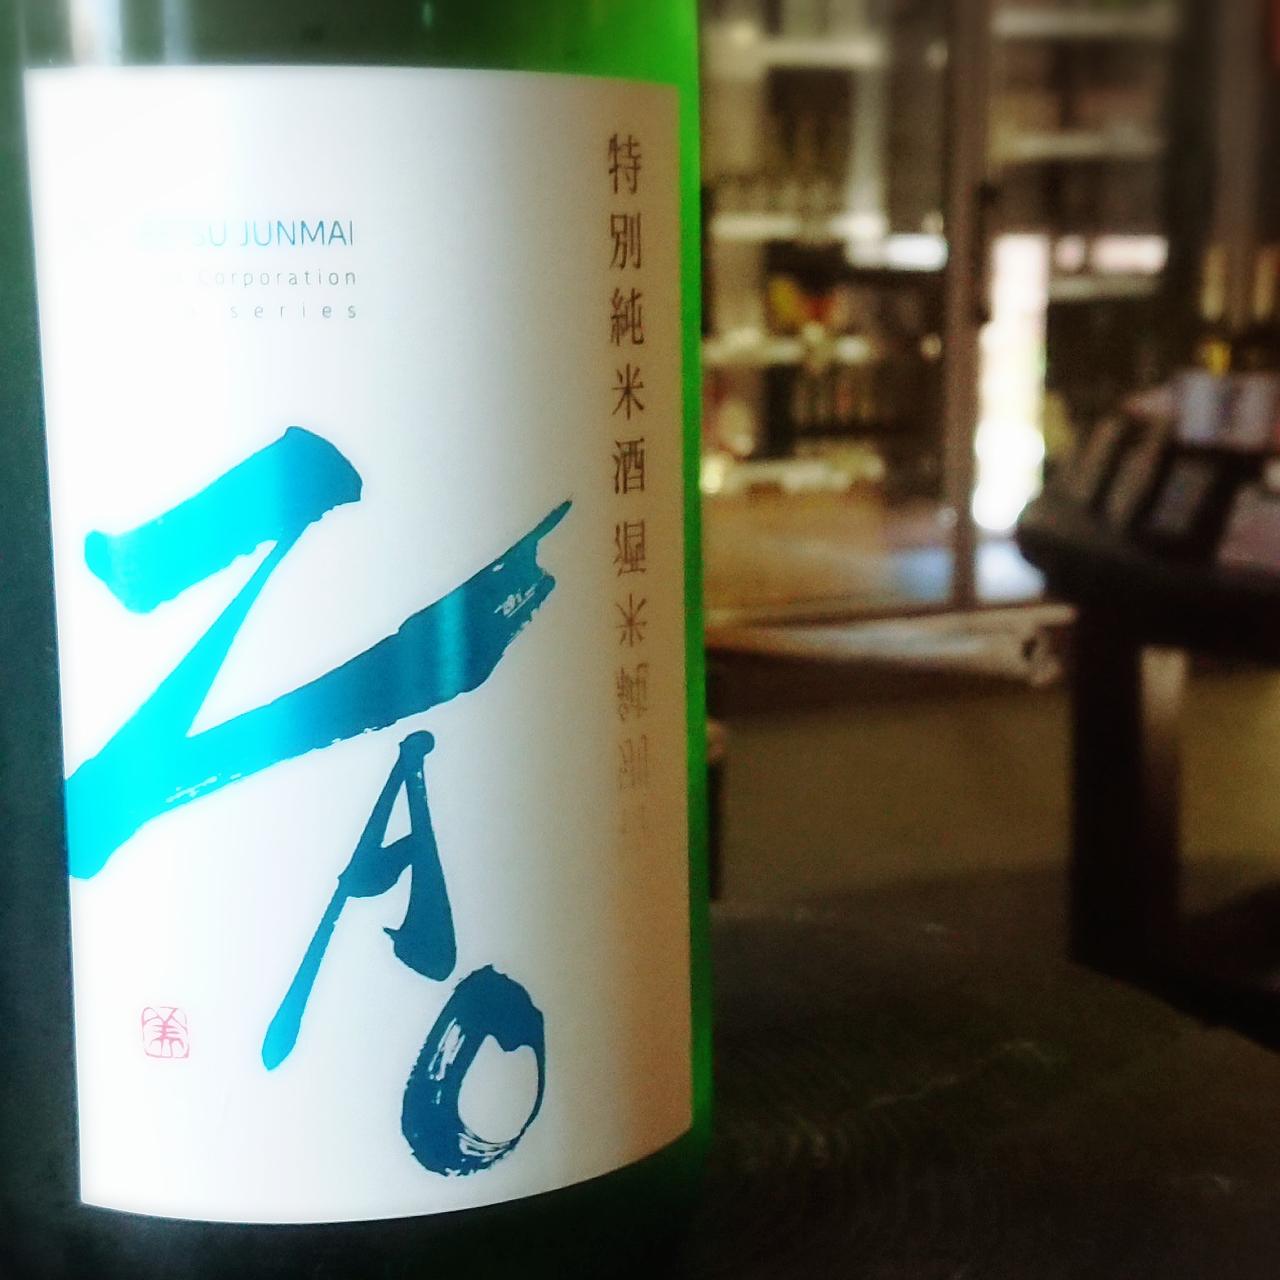 【特約店限定】蔵王 特別純米酒K~爽やかな吟醸感と純米のコクをそなえもつリピート率の高い逸品!